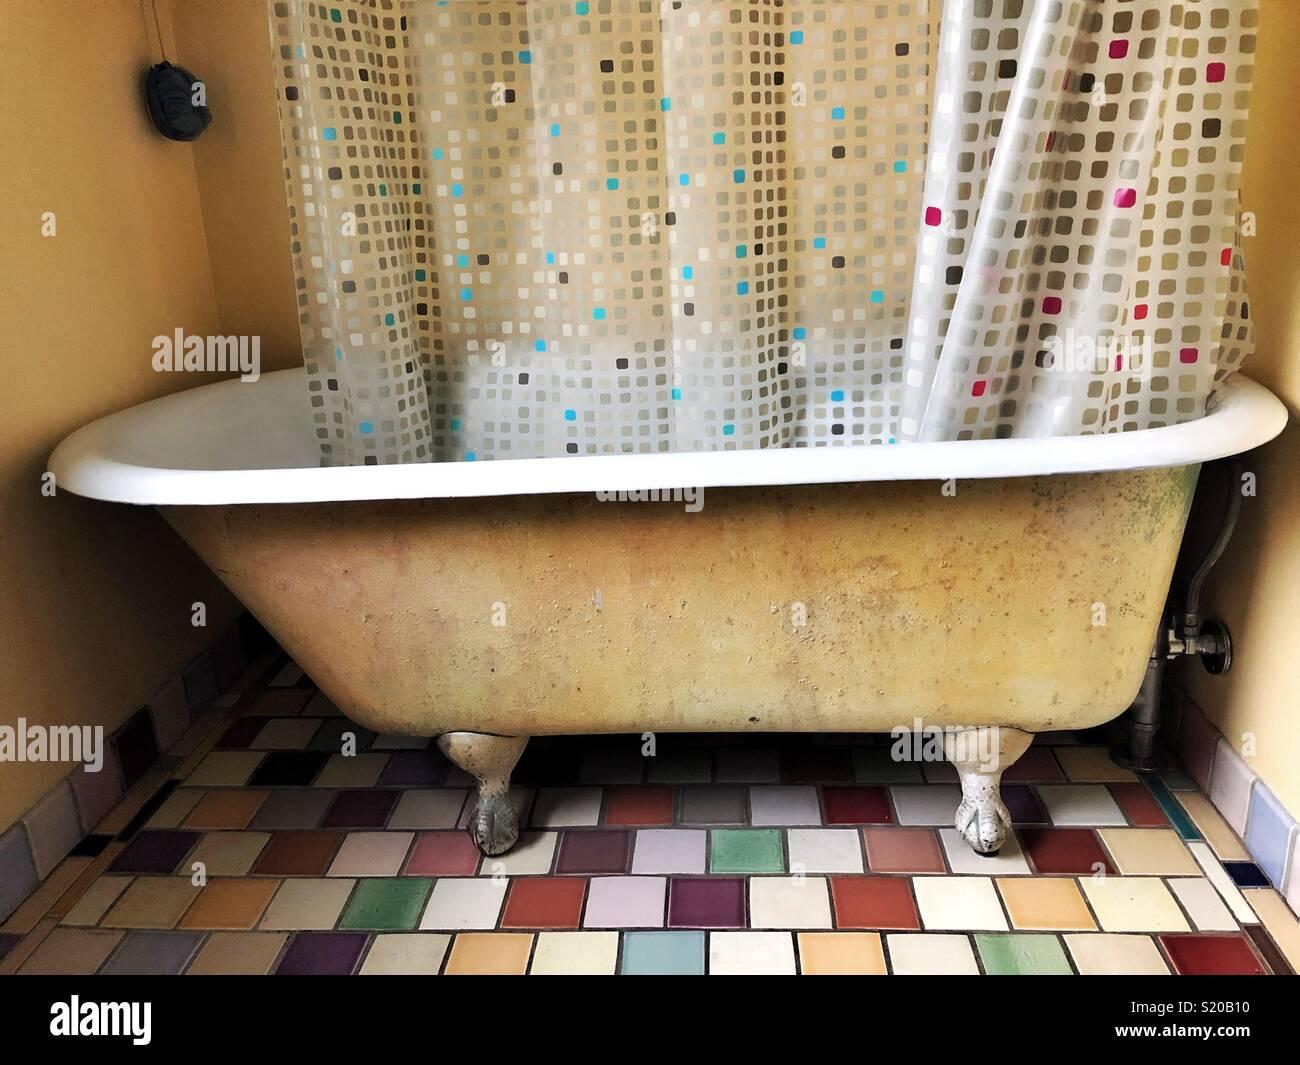 Vasca Da Bagno Retro : Vintage piede artiglio vasca da bagno sul moderno pavimento